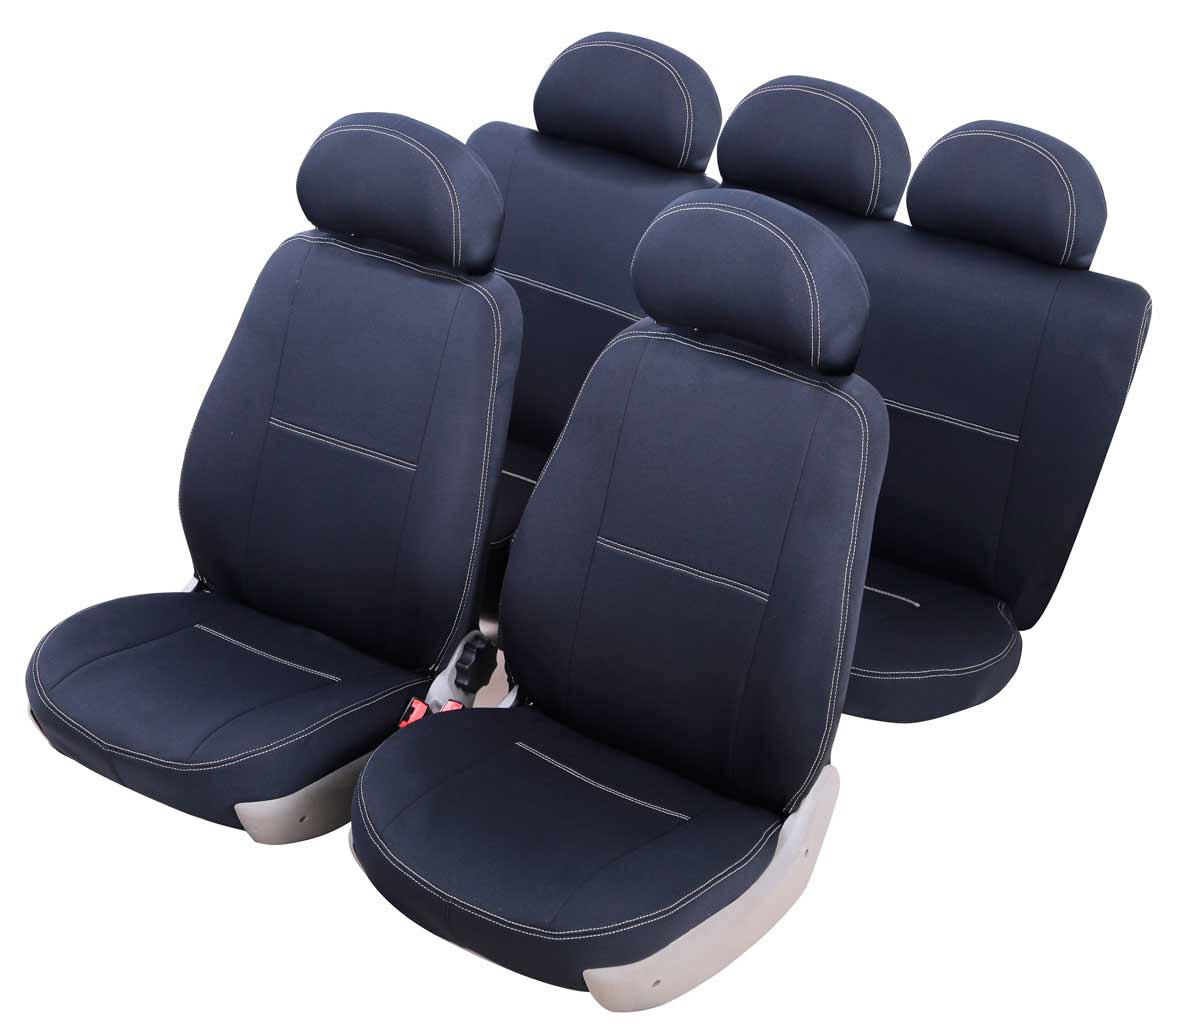 Чехол на автокресло Azard Standard, для Lada 2170 Priora (2007-н.в.), седанA4010061Модельные чехлы из полиэстера Azard Standard. Разработаны в РФ индивидуально для каждого автомобиля.Чехлы Azard Standard серийно выпускаются на собственном швейном производстве в России.Чехлы идеально повторяют штатную форму сидений и выглядят как оригинальная обивка сидений. Для простоты установки используется липучка Velcro, учтены все технологические отверстия.Чехлы сохраняют полную функциональность салона – трасформация сидений, возможность установки детских кресел ISOFIX, не препятствуют работе подушек безопасности AIRBAG и подогрева сидений.Дизайн чехлов Azard Standard приближен к оригинальной обивке салона. Декоративная контрастная прострочка по периметру авточехлов придает стильный и изысканный внешний вид интерьеру автомобиля.Чехлы Azard Standard изготовлены из полиэстера, триплированного огнеупорным поролоном толщиной 3 мм, за счет чего чехол приобретает дополнительную мягкость. Подложка из спандбонда сохраняет свойства поролона и предотвращает его разрушение.Авточехлы Azard Standard просты в уходе – загрязнения легко удаляются влажной тканью.